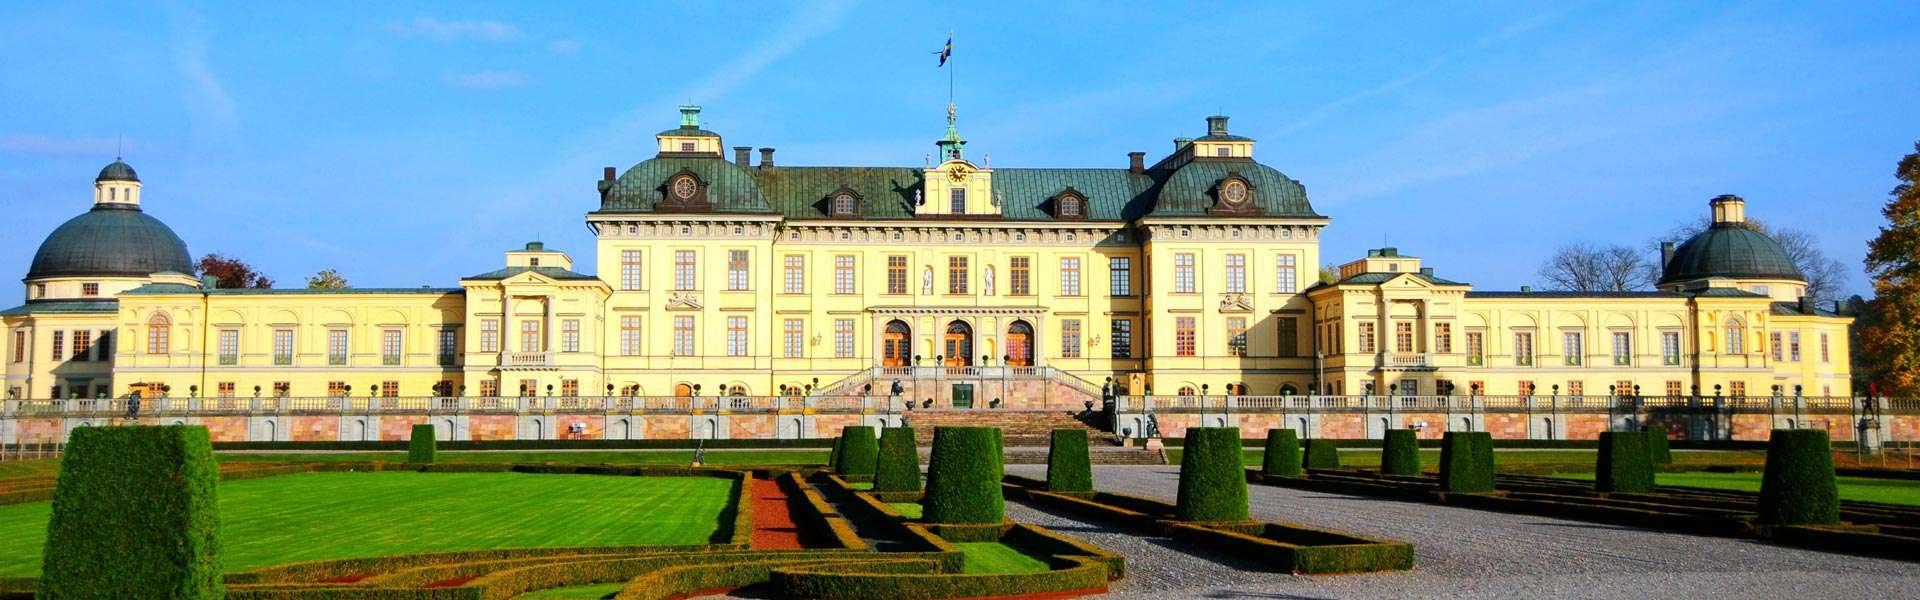 Lustschloss und Museum: Erleben Sie das Traumschloss Drottningholm in Stockholm